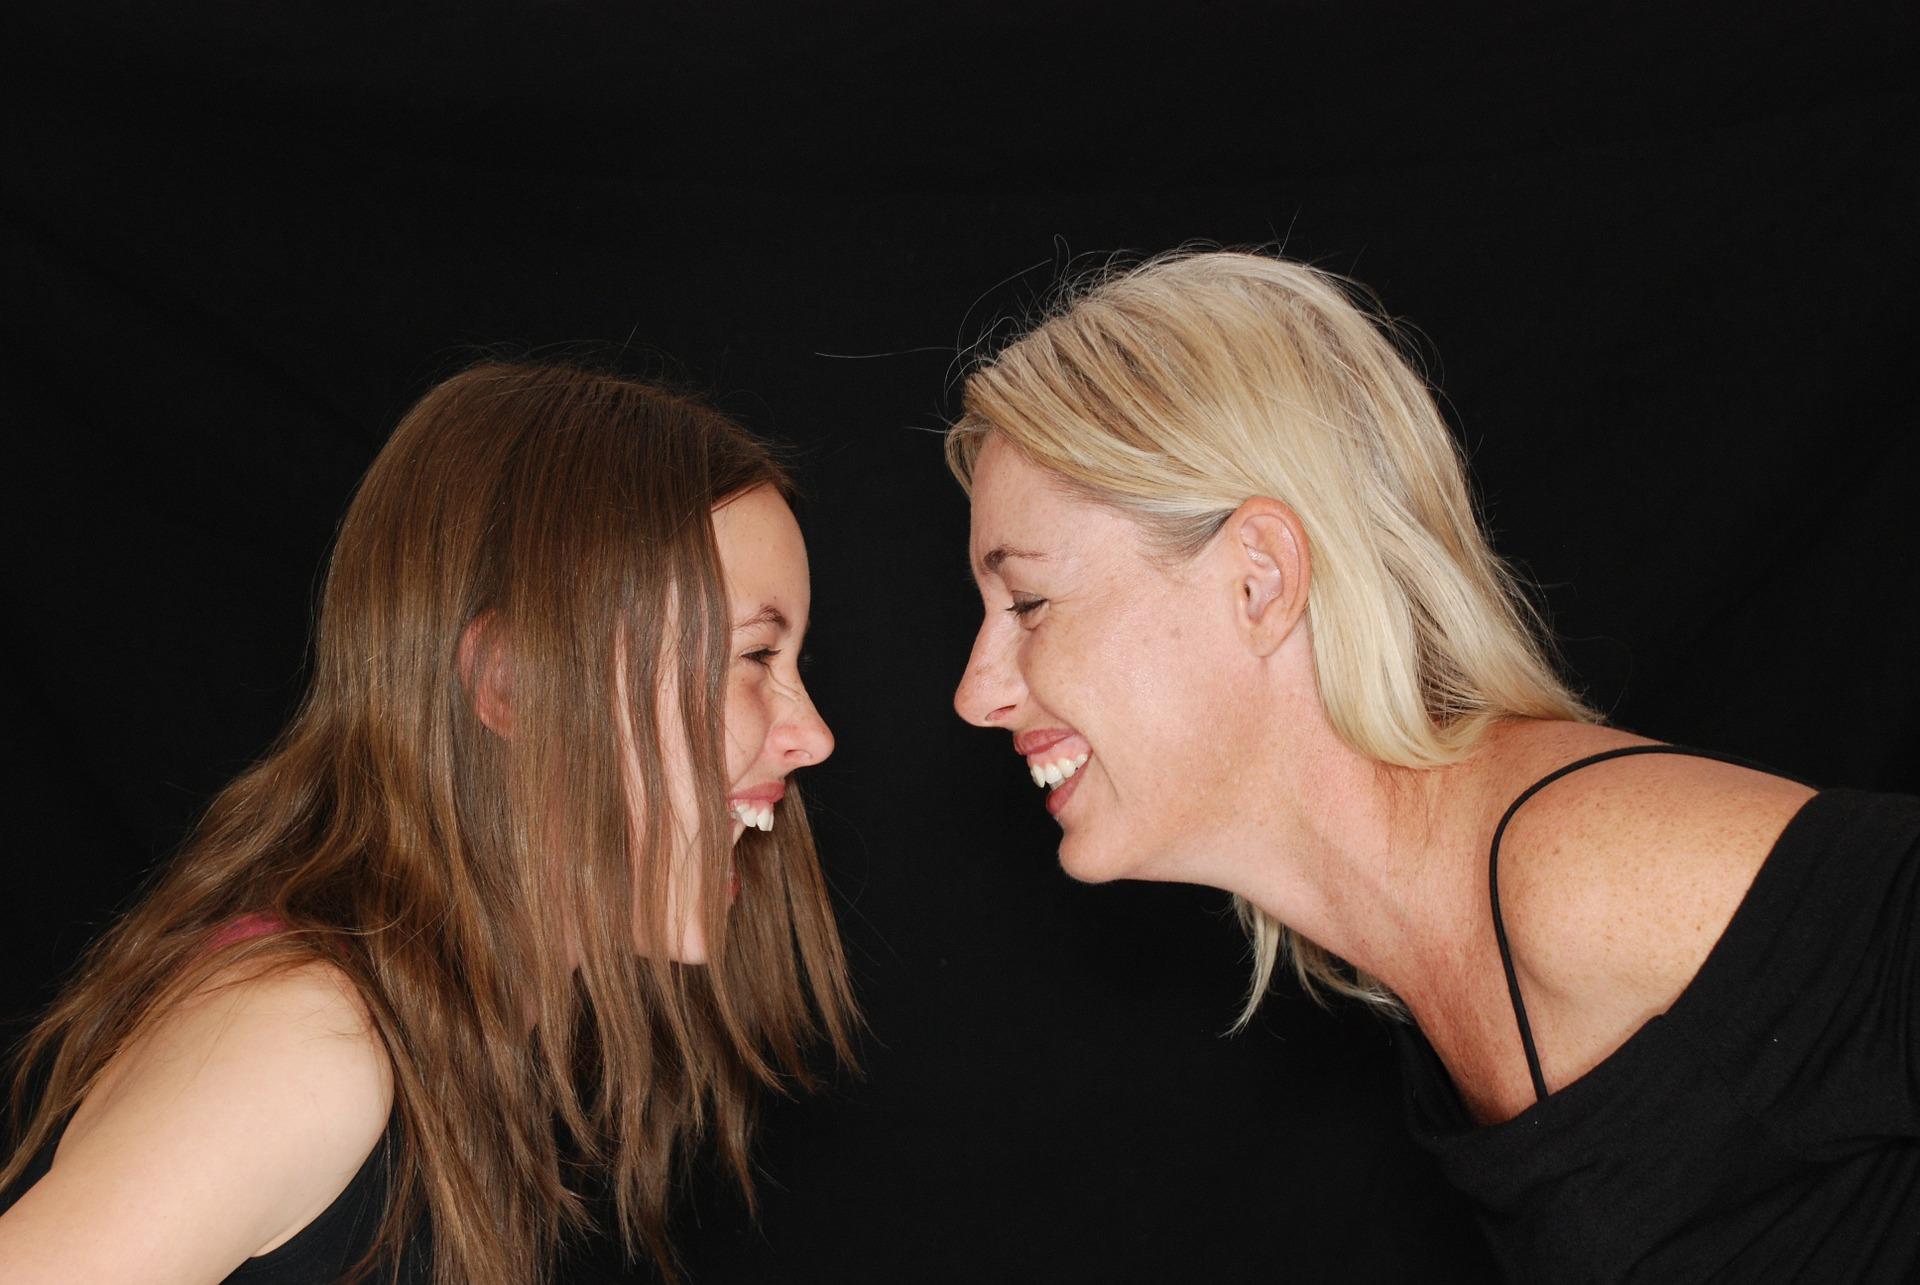 Allora perché qualcuno è più predisposto di altri? - Anche se il sole incide per l'80% sull'invecchiamento prematuro della pelle, è bene sapere che le rughe sono in buona parte un fattore genetico.